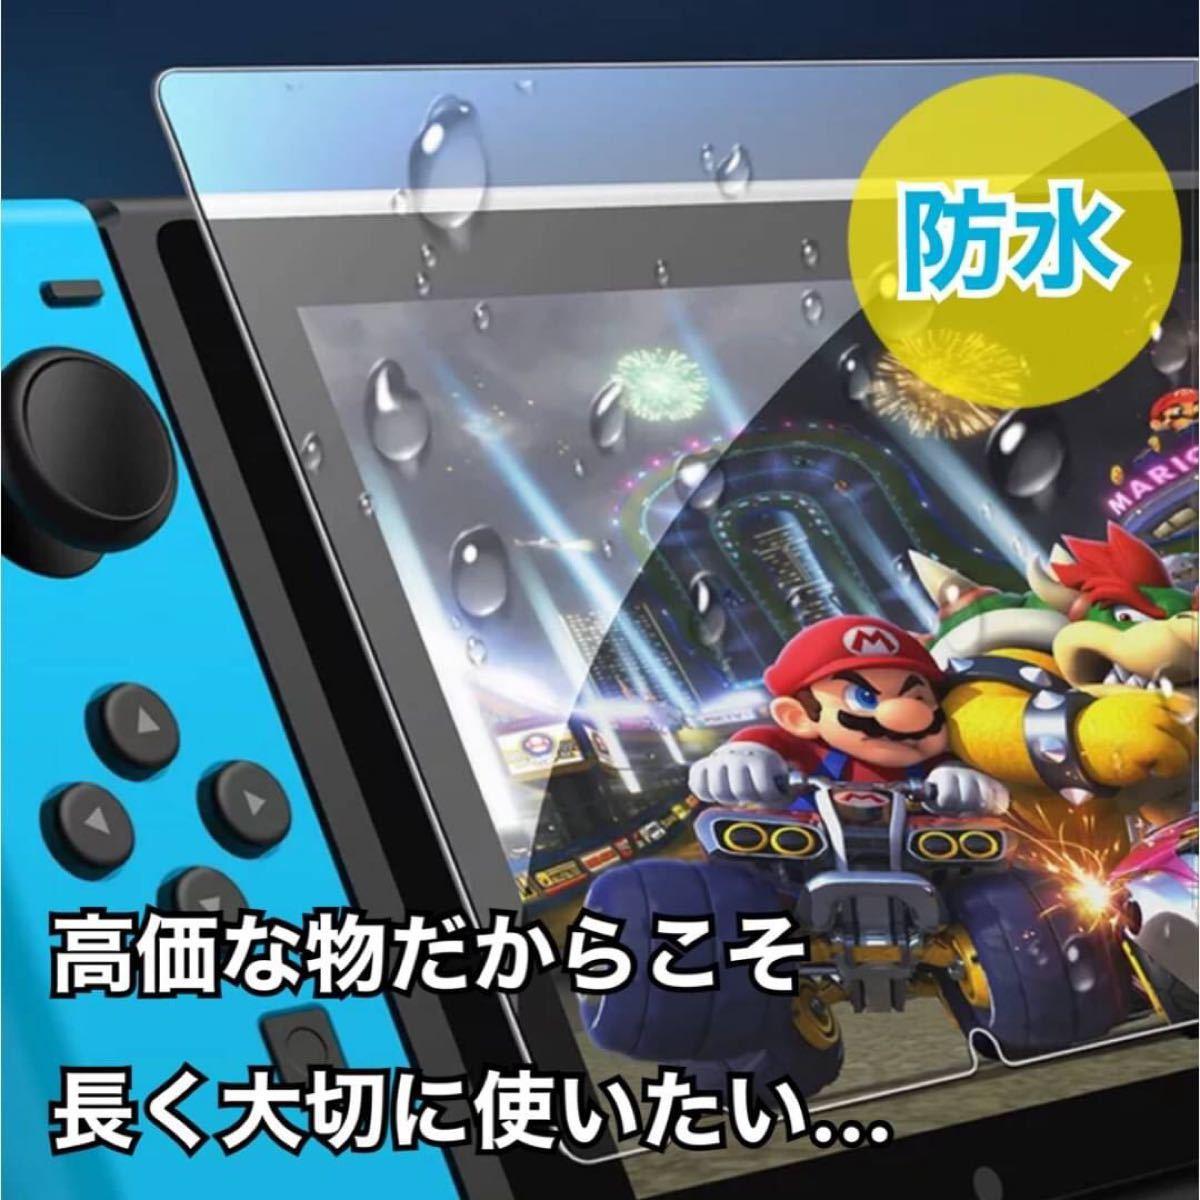 任天堂スイッチ Switch 保護フィルム ガラスフィルム ブルーライトカット 新品未使用 送料無料